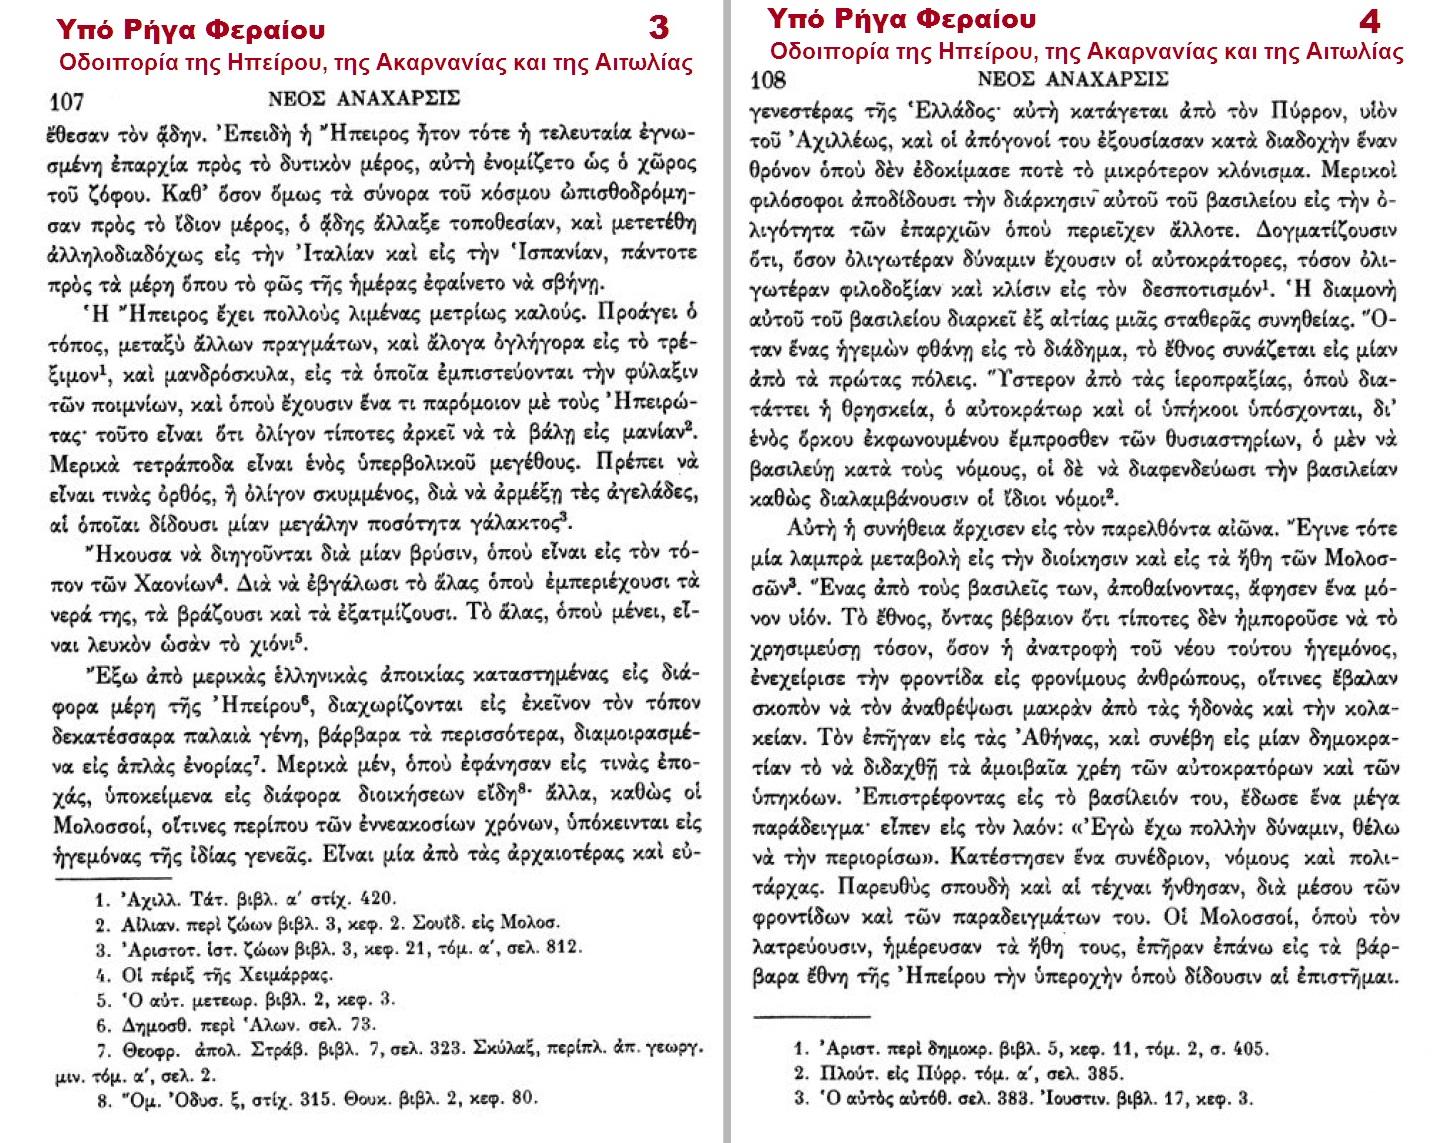 ΟΔΟΙΠΟΡΙΑ ΤΗΣ ΗΠΕΙΡΟΥ ΤΗΣ ΑΚΑΡΝΑΝΙΑΣ ΚΑΙ ΤΗΣ ΑΙΤΩΛΙΑΣ 3-4